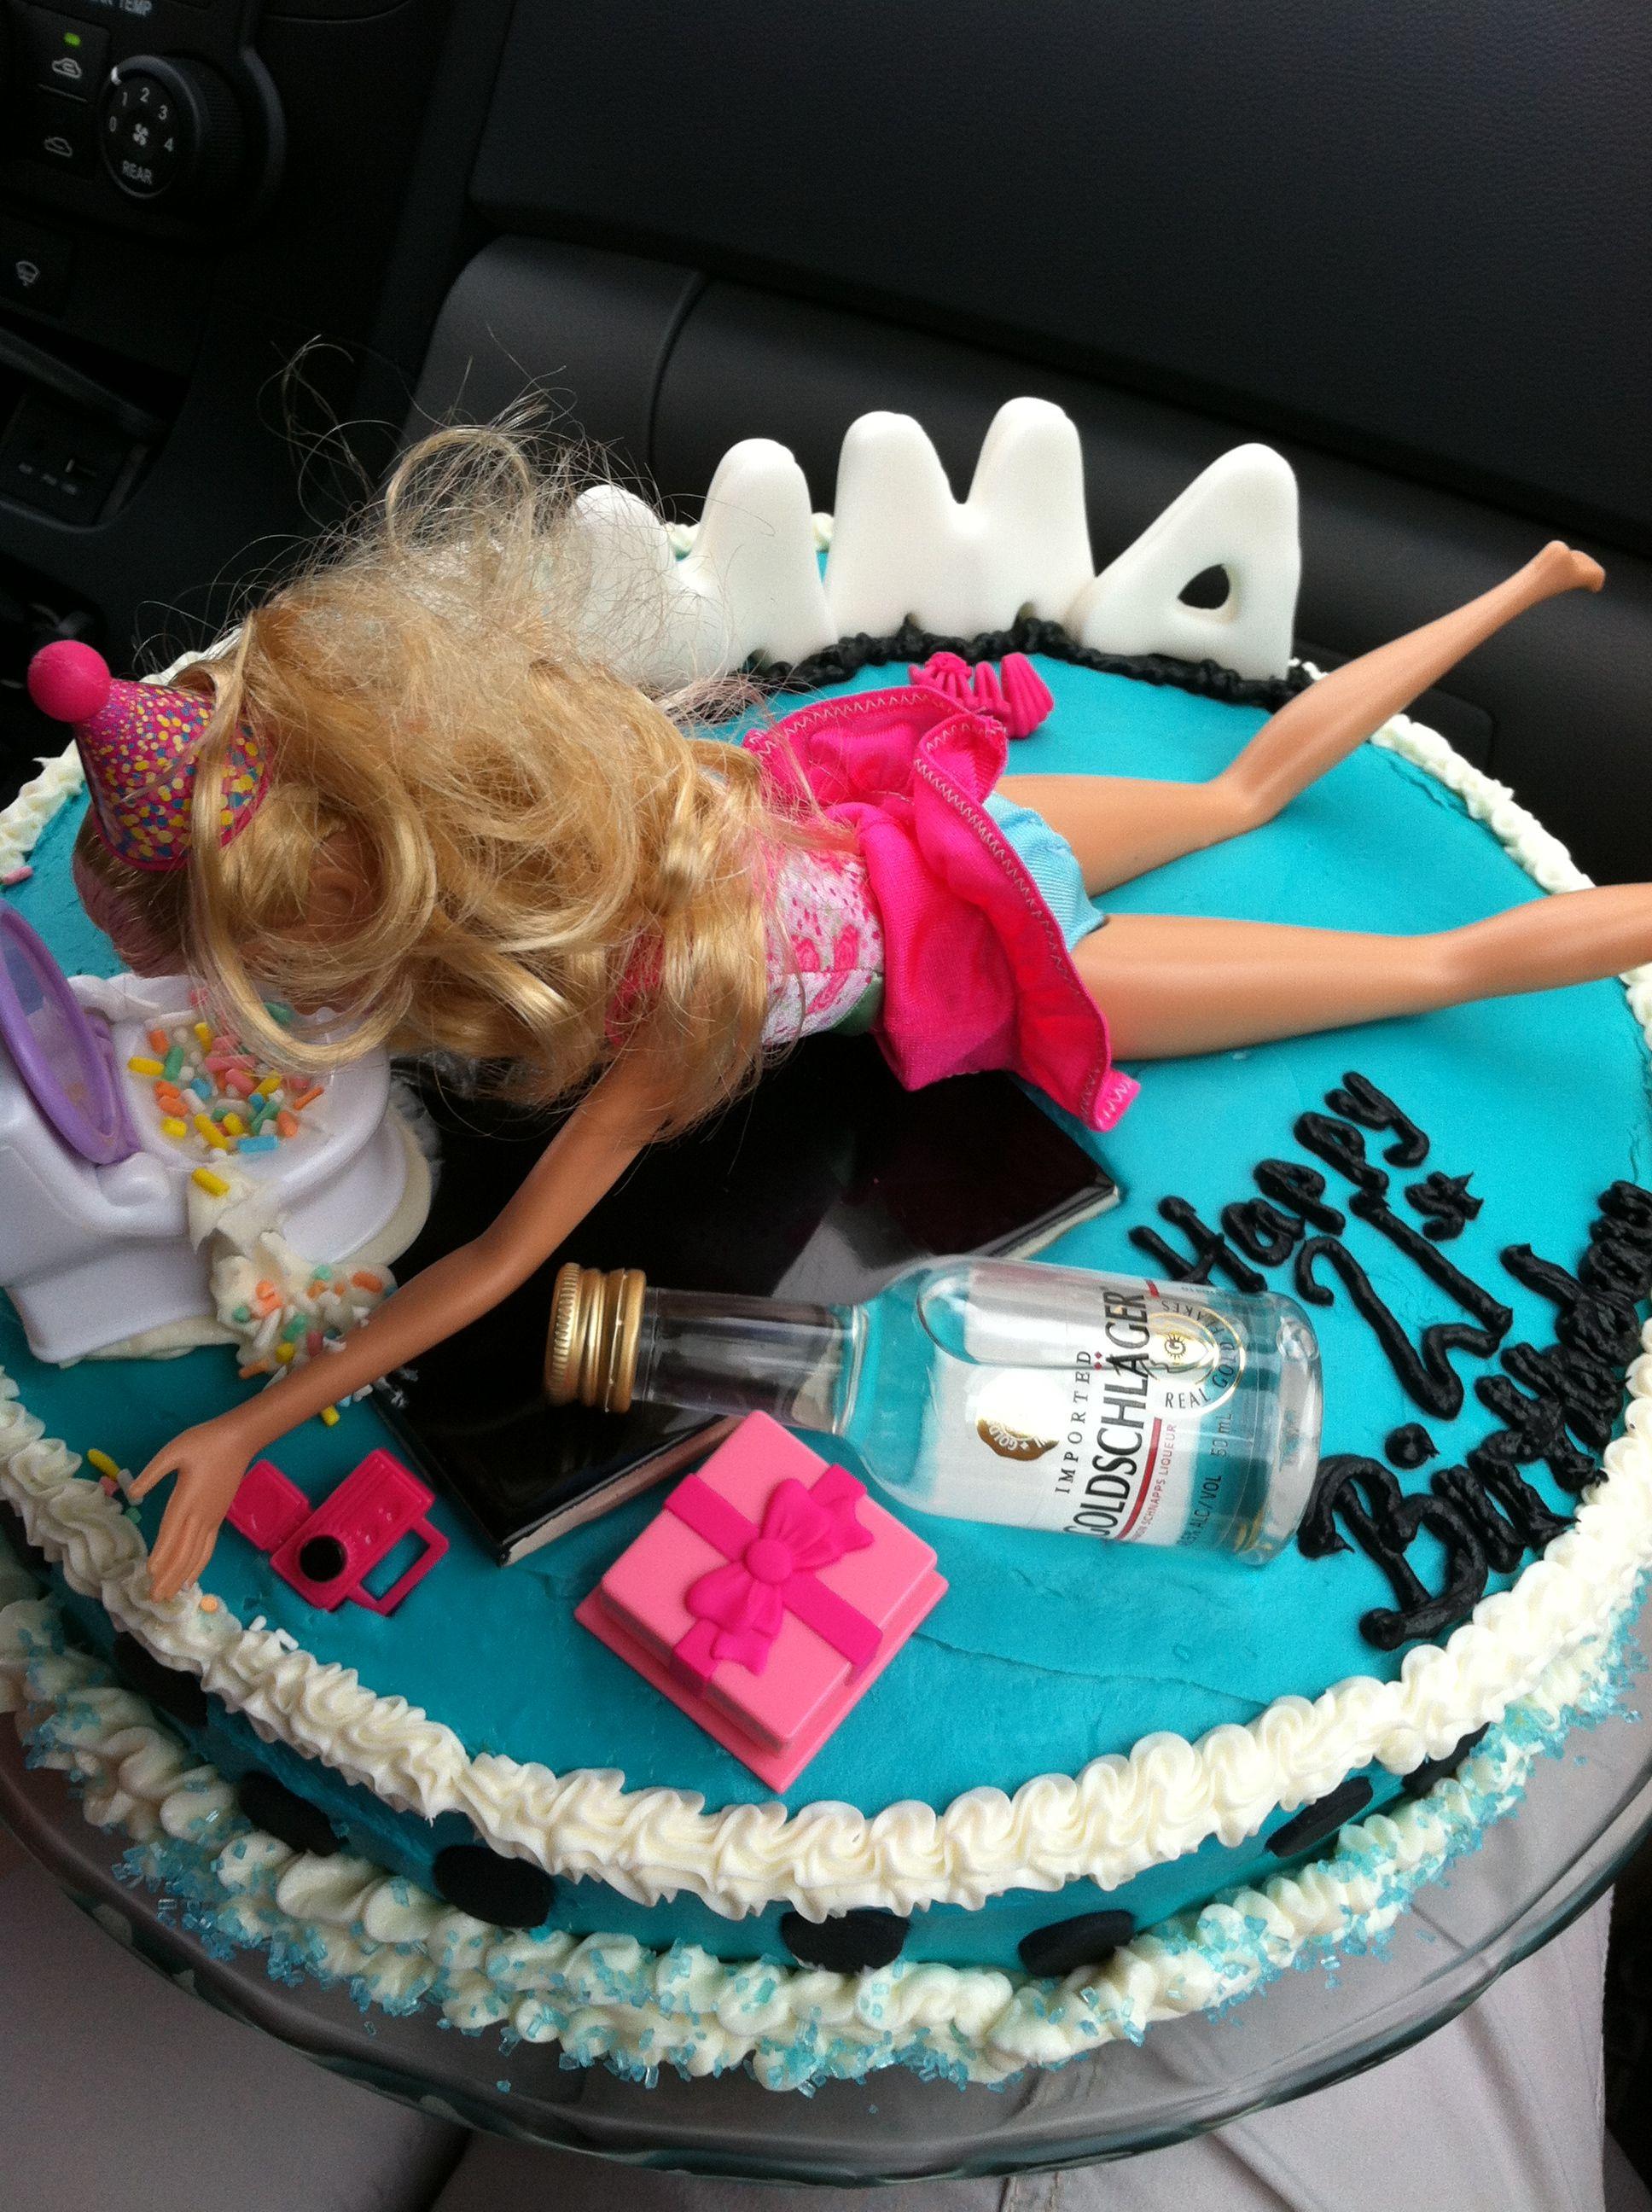 21st birthday cake | Funny | Pinterest